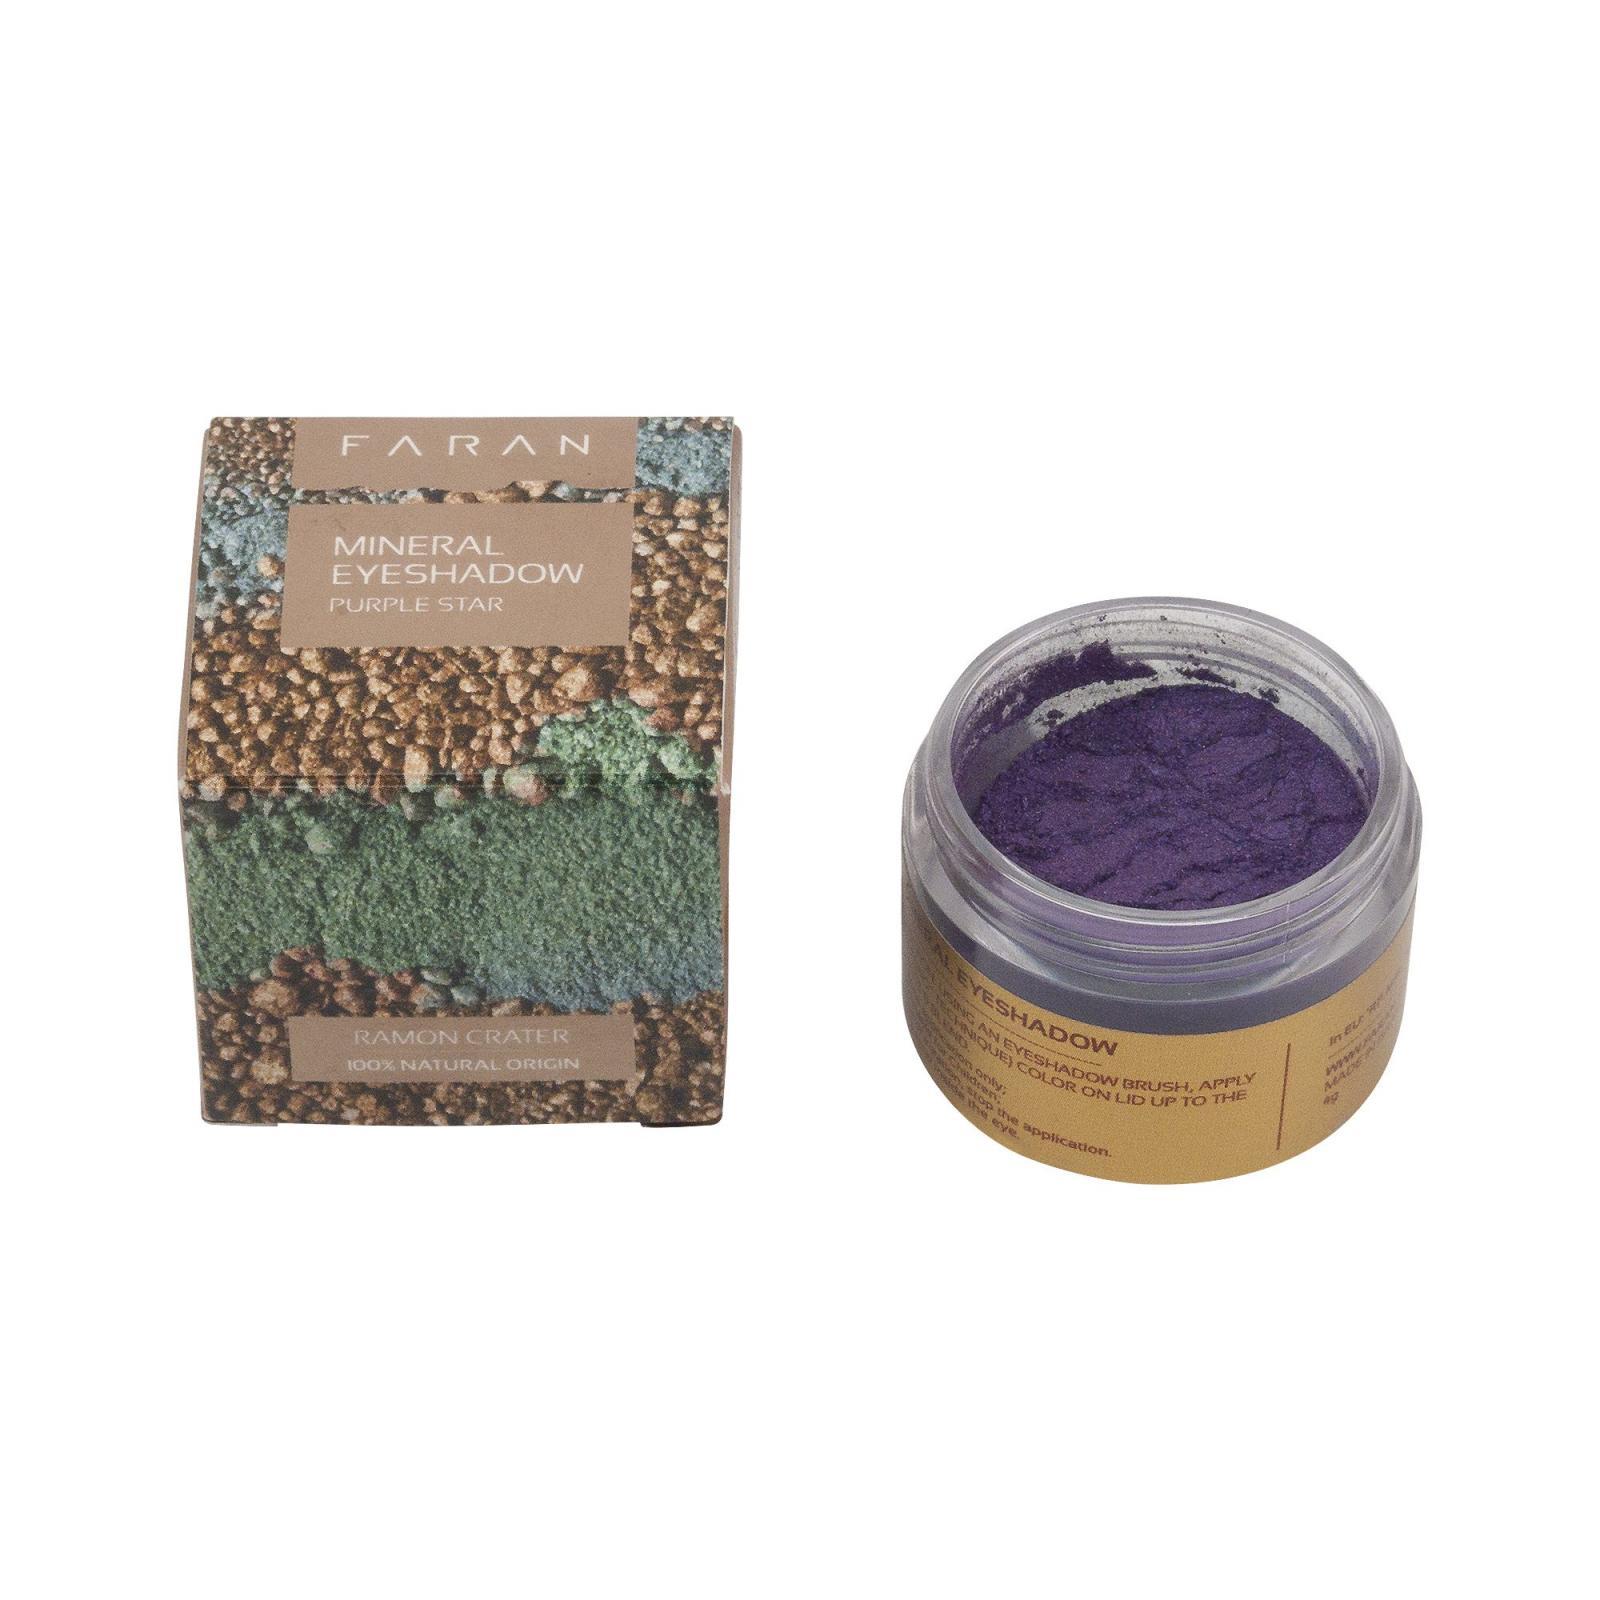 Faran Minerální oční stíny, Purple Star Eyeshadow 4 g, 15 ml